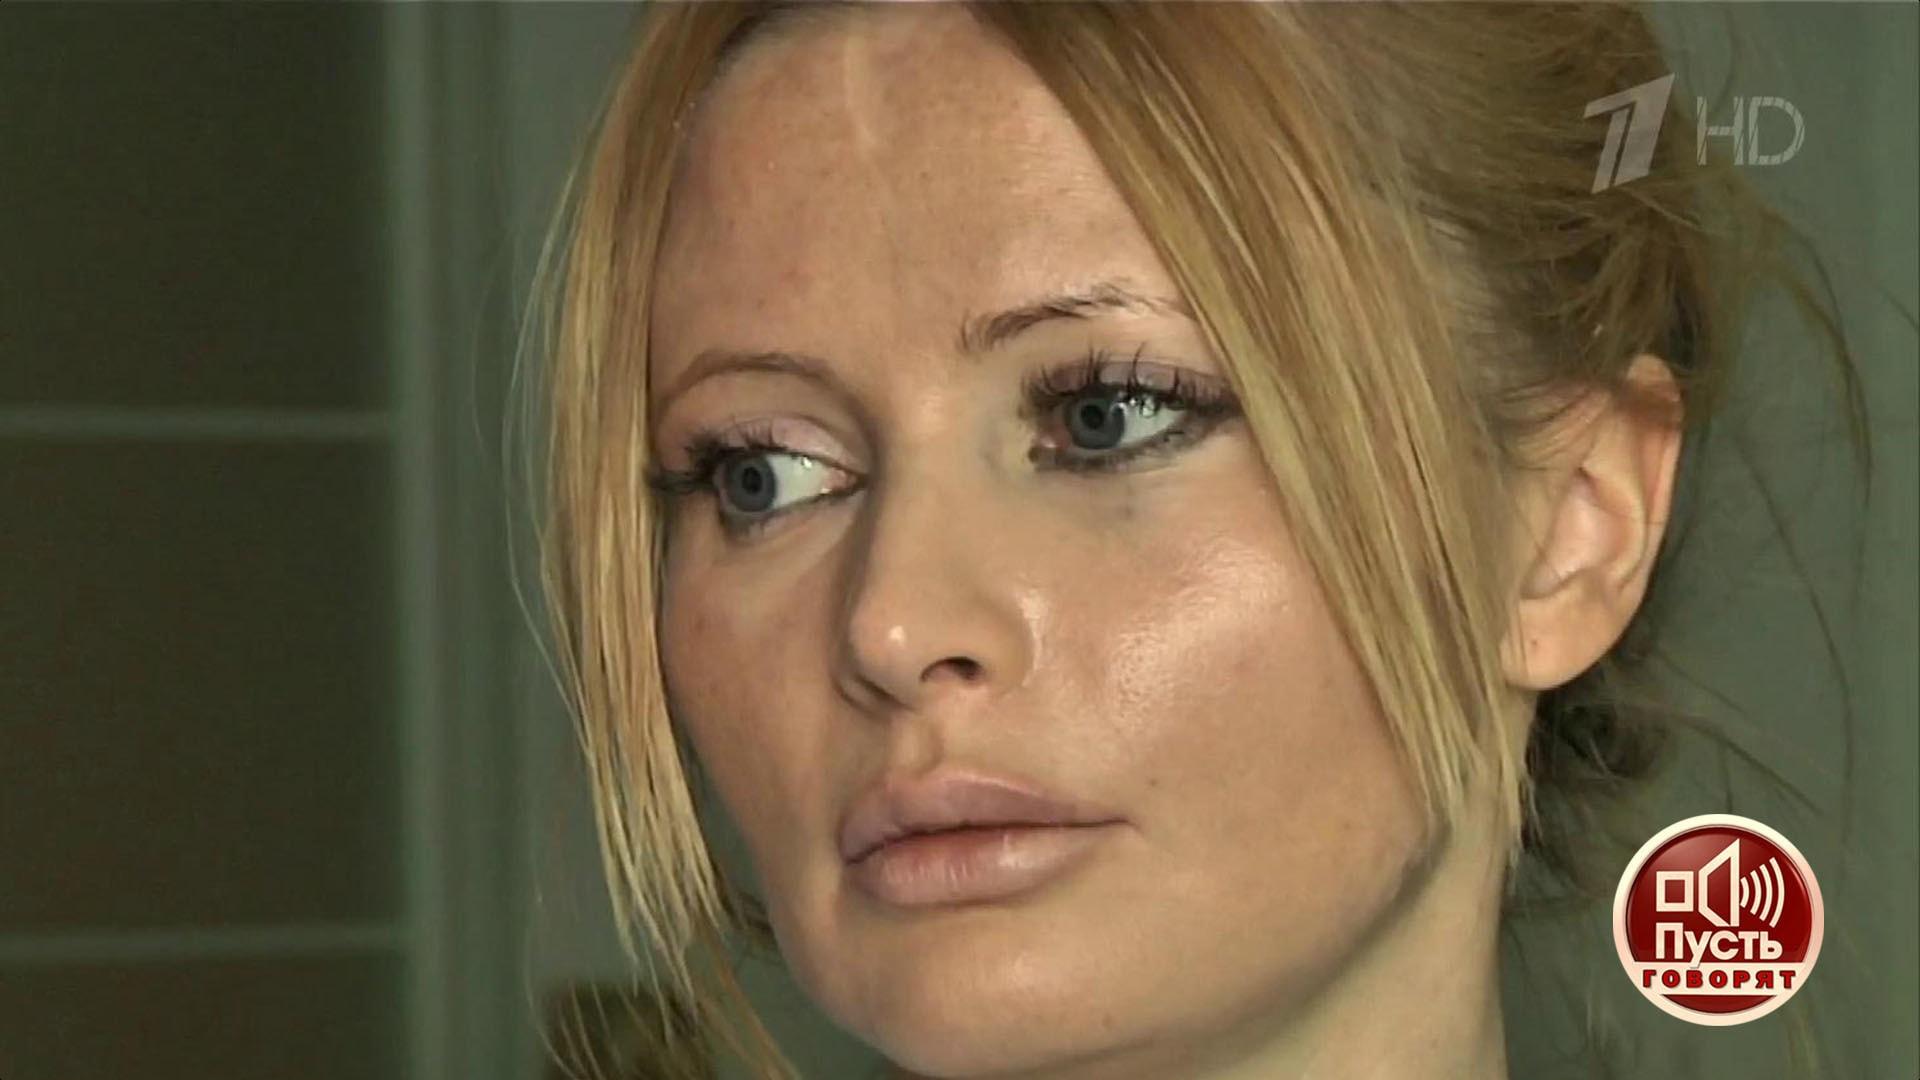 Ранее борисова лишь вскользь упомянула, что вместе с бойфрендом она отдыхала в таиланде